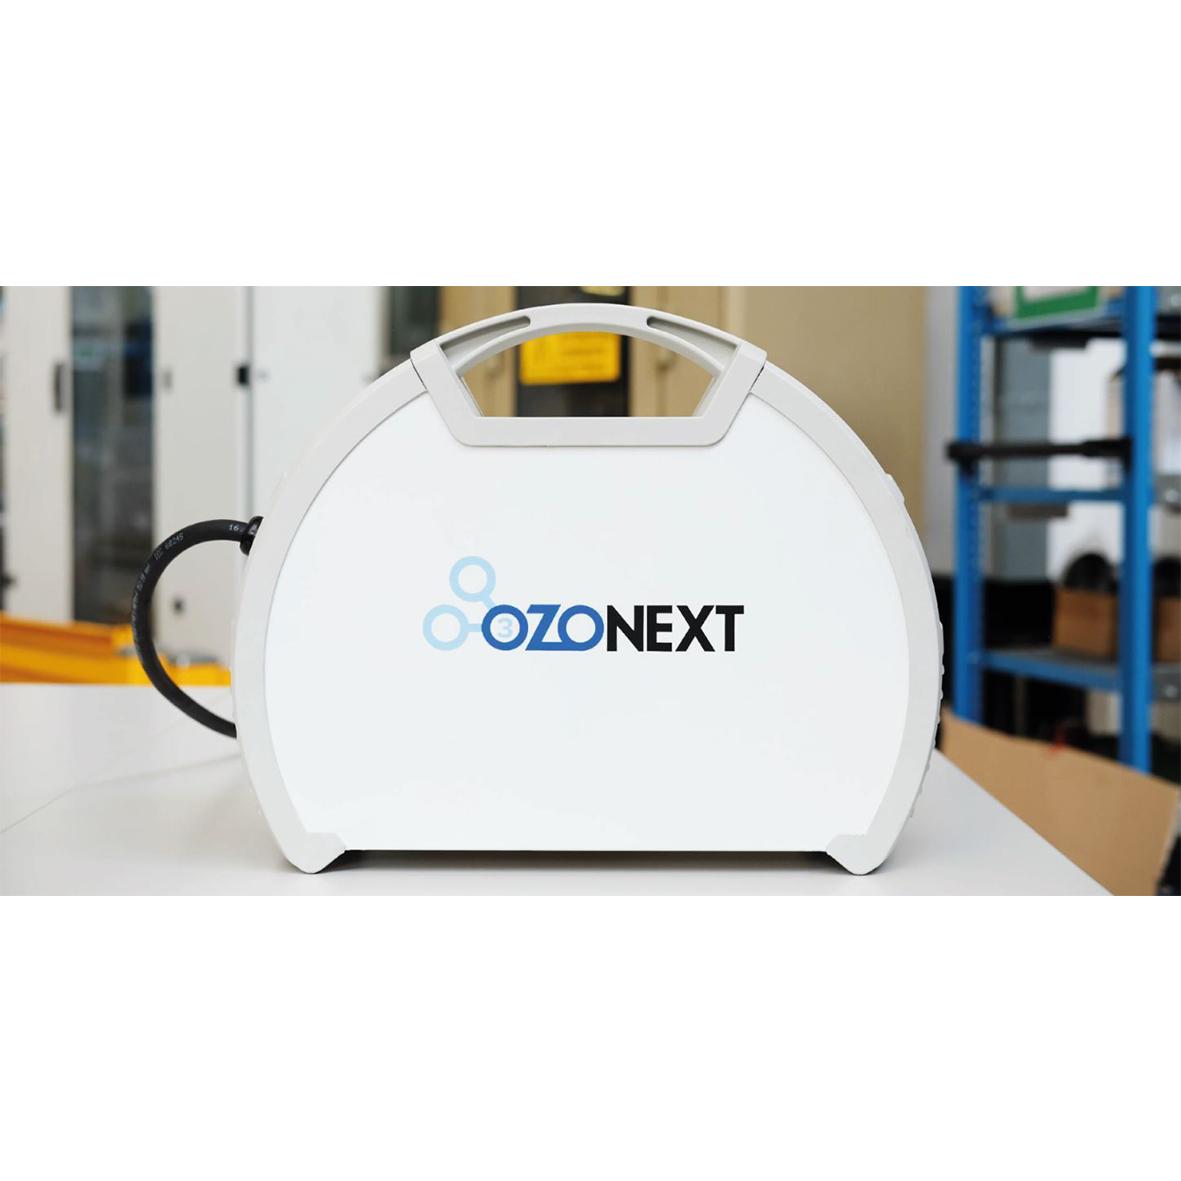 Ozonext1